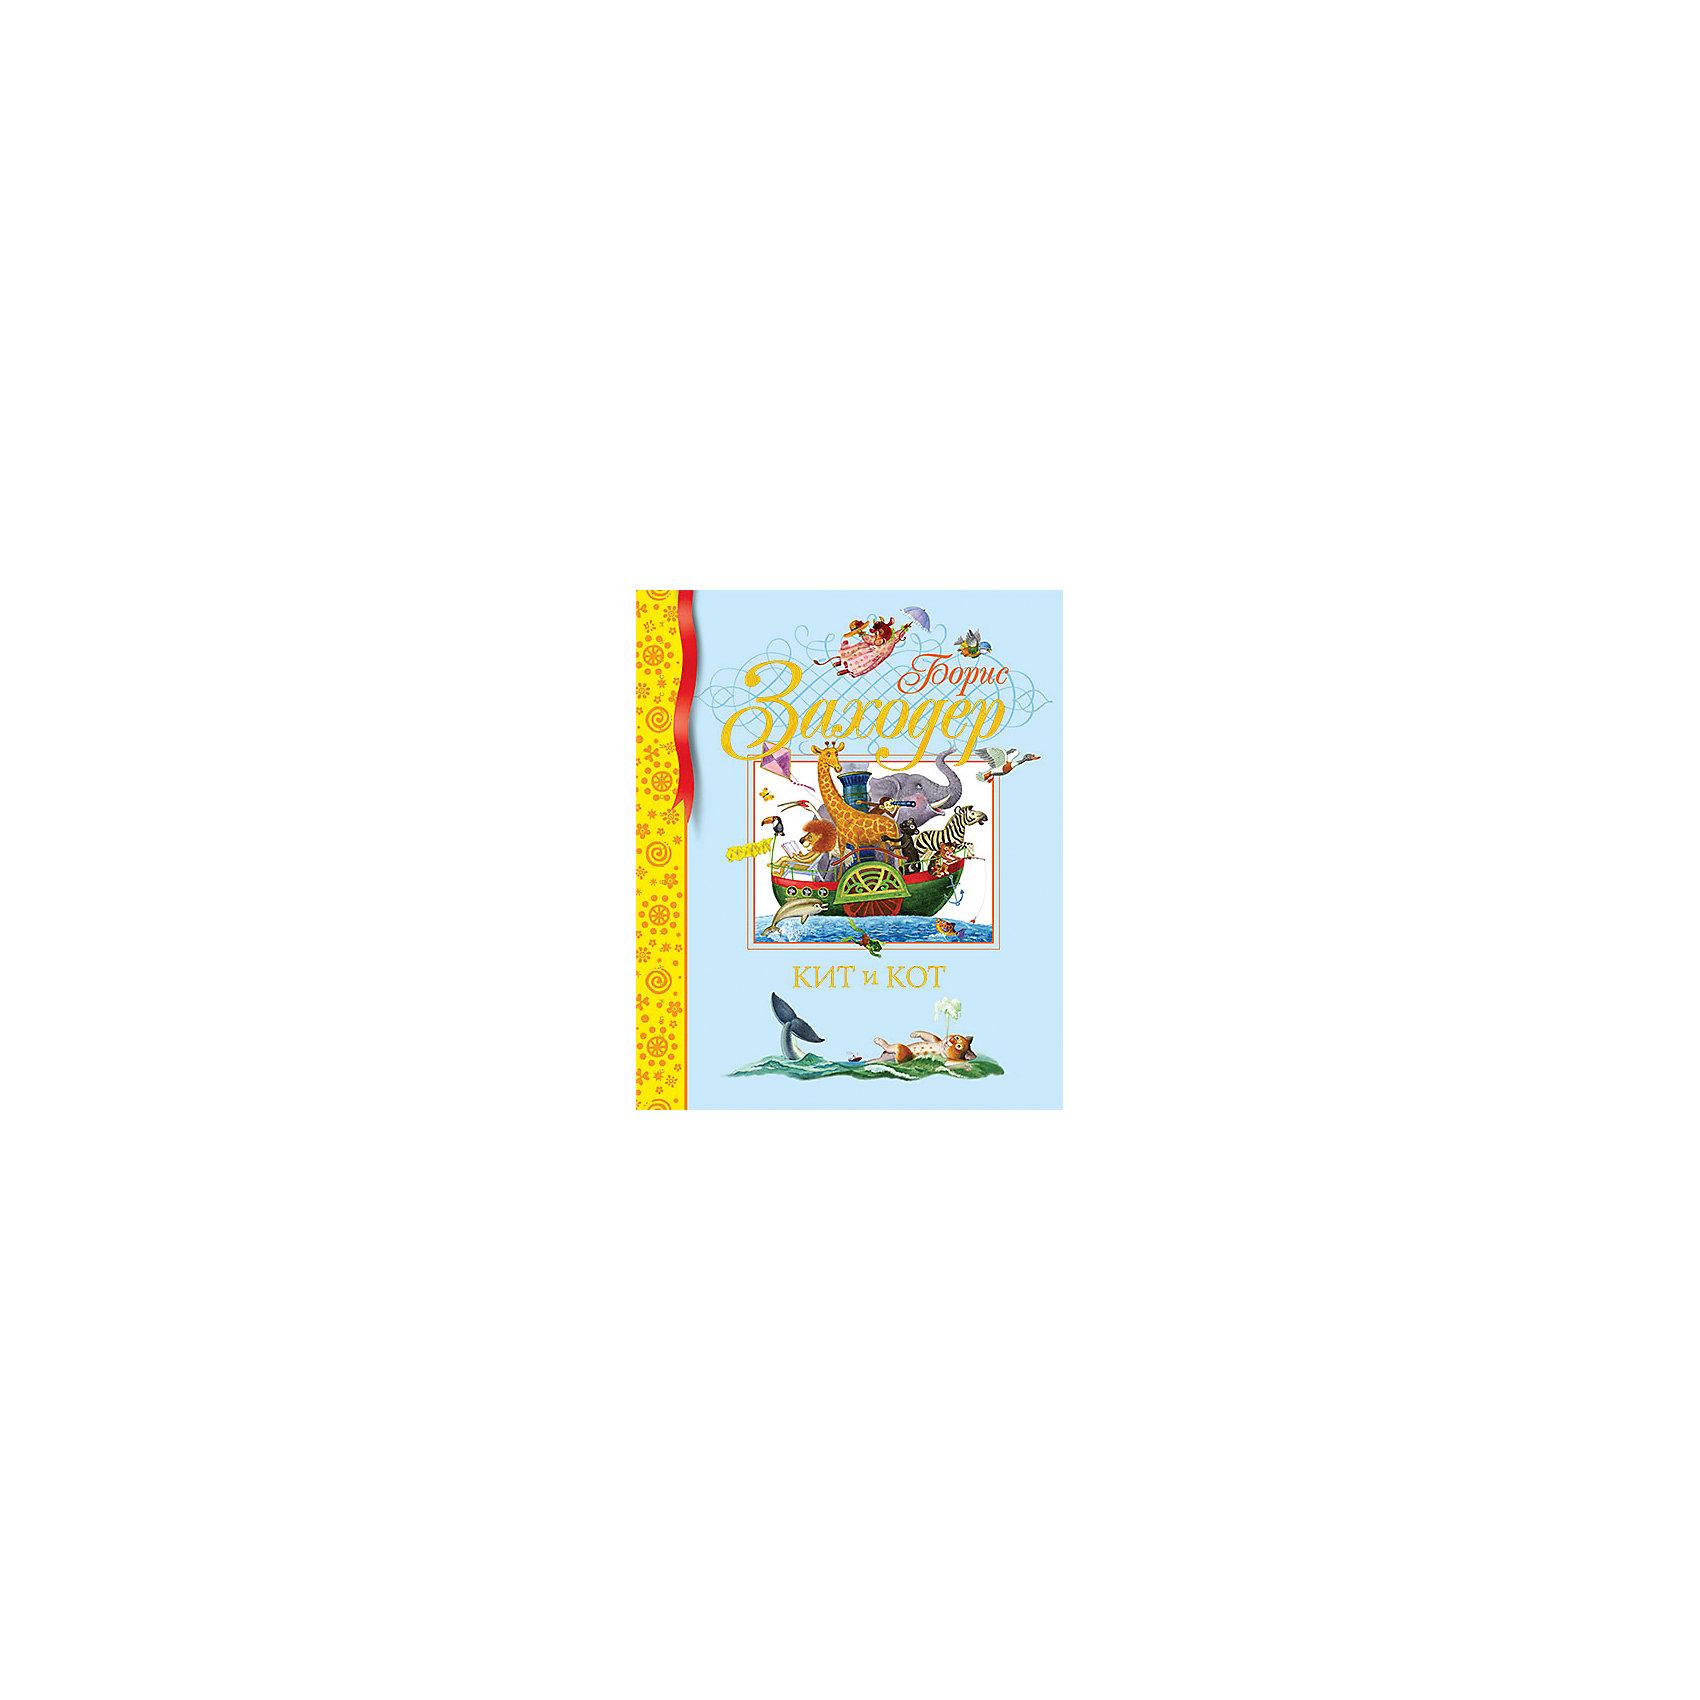 Кит и кот, Б.В. ЗаходерСтихи<br>На книгах Бориса Заходера  выросло уже не одно поколение читателей. Стихи, сказки и рассказы адресованы деткам  дошкольного и младшего школьного возраста. Книги проиллюстрированы лучшими российскими художниками. В этих изданиях - порой трогательные, порой смешные и всегда красочные иллюстрации, которые не оставят ребенка равнодушным! В книгу известного писателя Бориса Владимировича Заходера вошли лучшие стихи для малышей, такие как Кит и Кот, Мартышкин дом, Почему рыбы молчат, Мохнатая азбука, Русачок и многие другие.<br><br><br>Дополнительная информация:<br><br>Автор: Борис Владимирович Заходер;<br>Формат: 23,5х19,5см;<br>Переплет: твердый переплет;<br>Иллюстрации: цветные;<br>Страниц: 144;<br>Вес: 429 г.;<br>Производитель: Махаон, Россия.<br>Год выпуска: 2013;<br><br>Побалуйте вашего малыша такими чудесными произведениями!<br><br>Книгу Б. Заходера Кит и Кот можно купить в нашем магазине.<br><br>Ширина мм: 235<br>Глубина мм: 195<br>Высота мм: 13<br>Вес г: 429<br>Возраст от месяцев: 36<br>Возраст до месяцев: 72<br>Пол: Унисекс<br>Возраст: Детский<br>SKU: 4725970